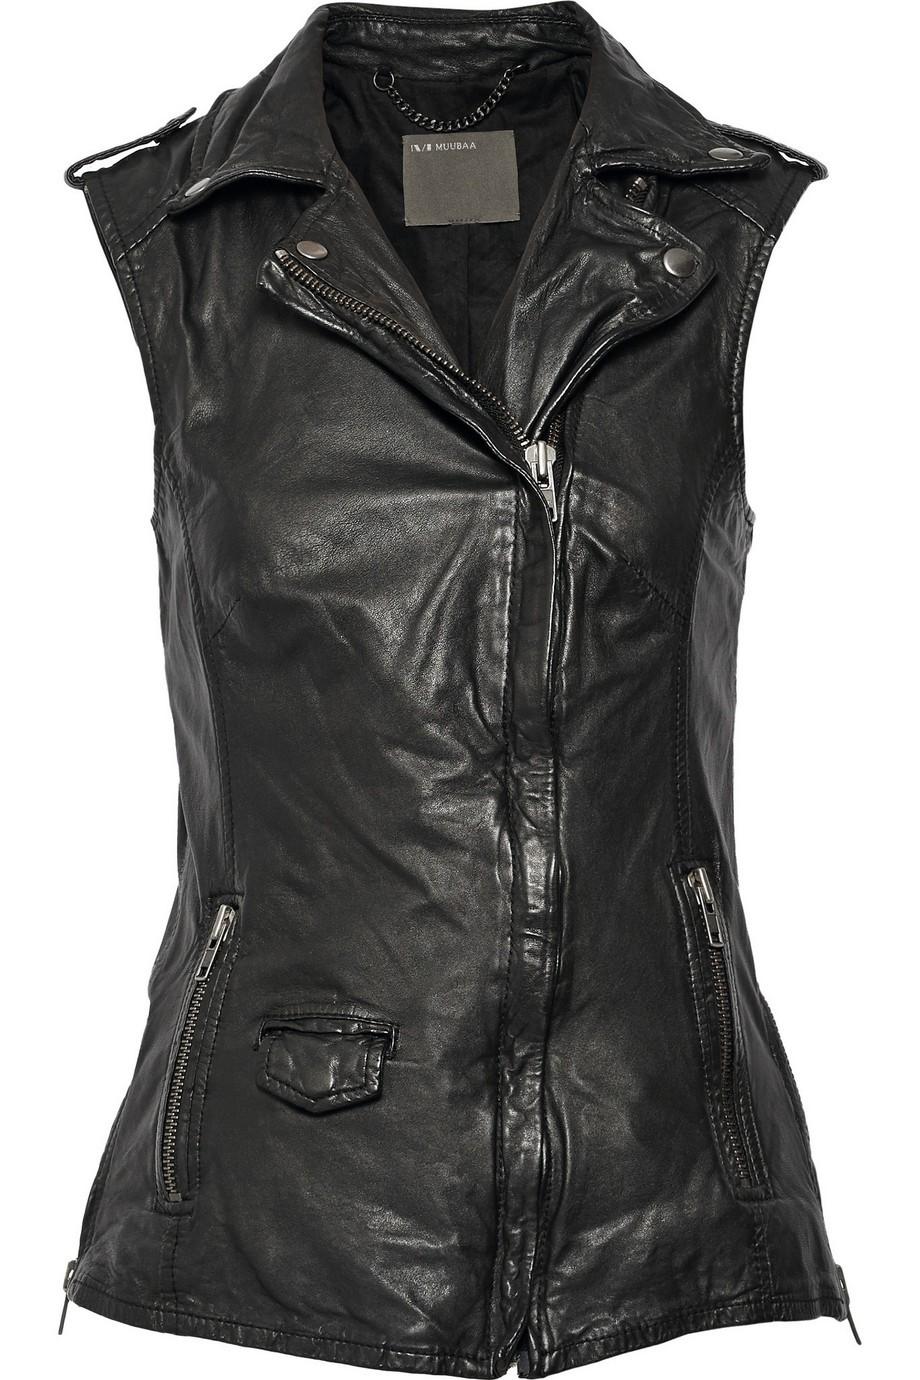 Preta leather biker vest